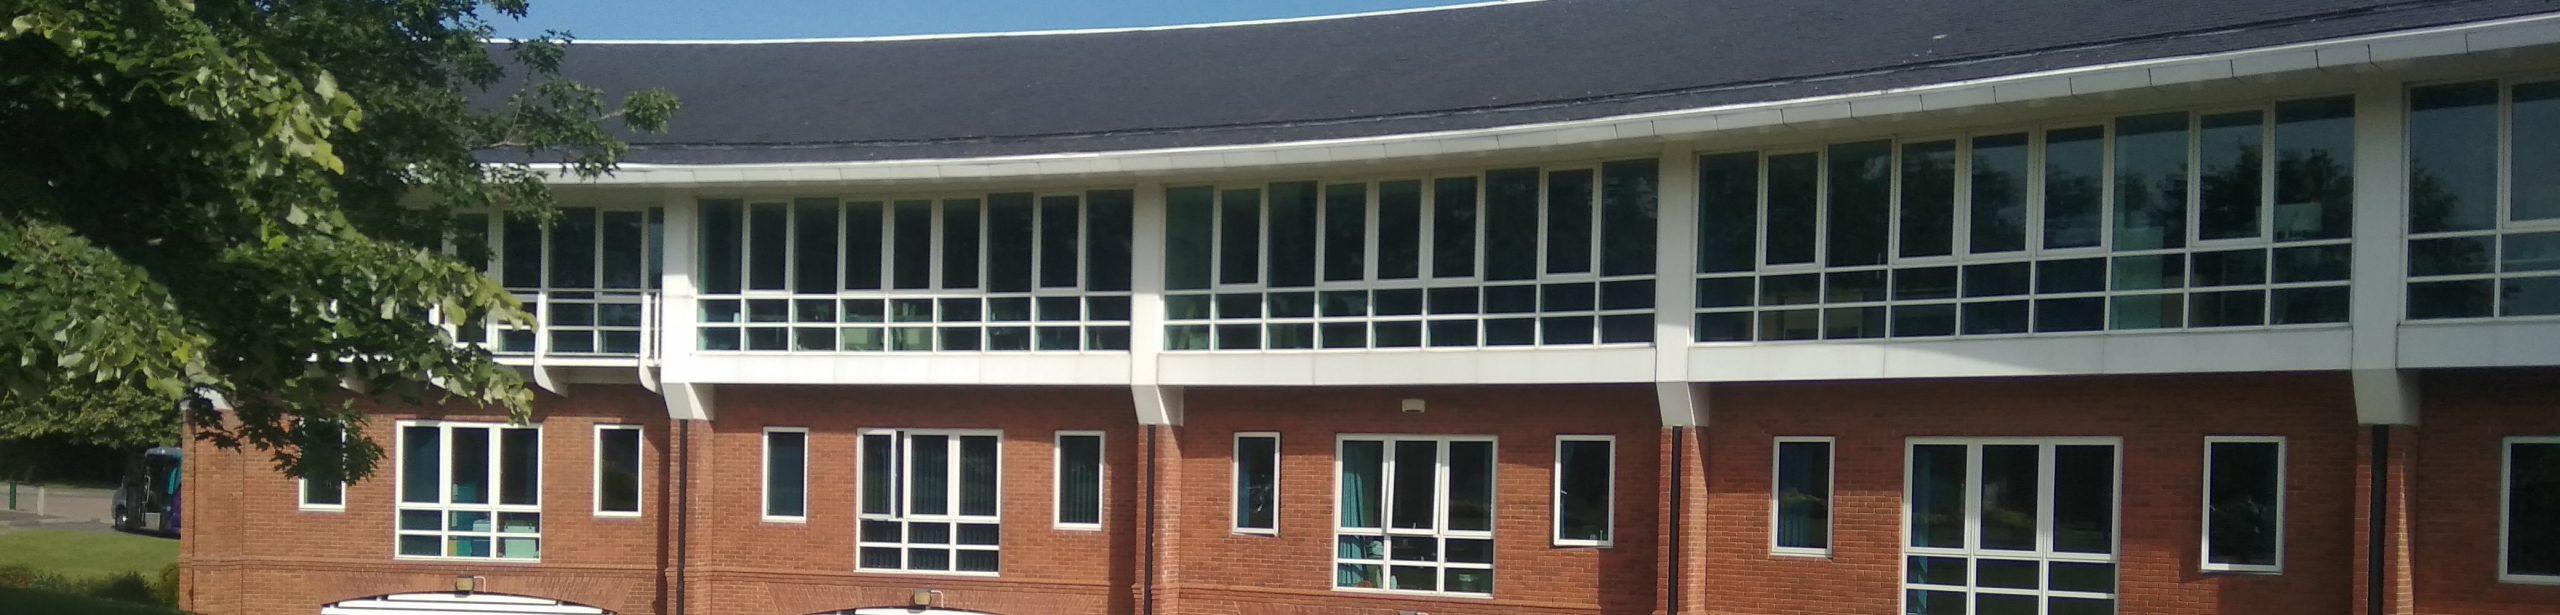 Surrey Technology Centre